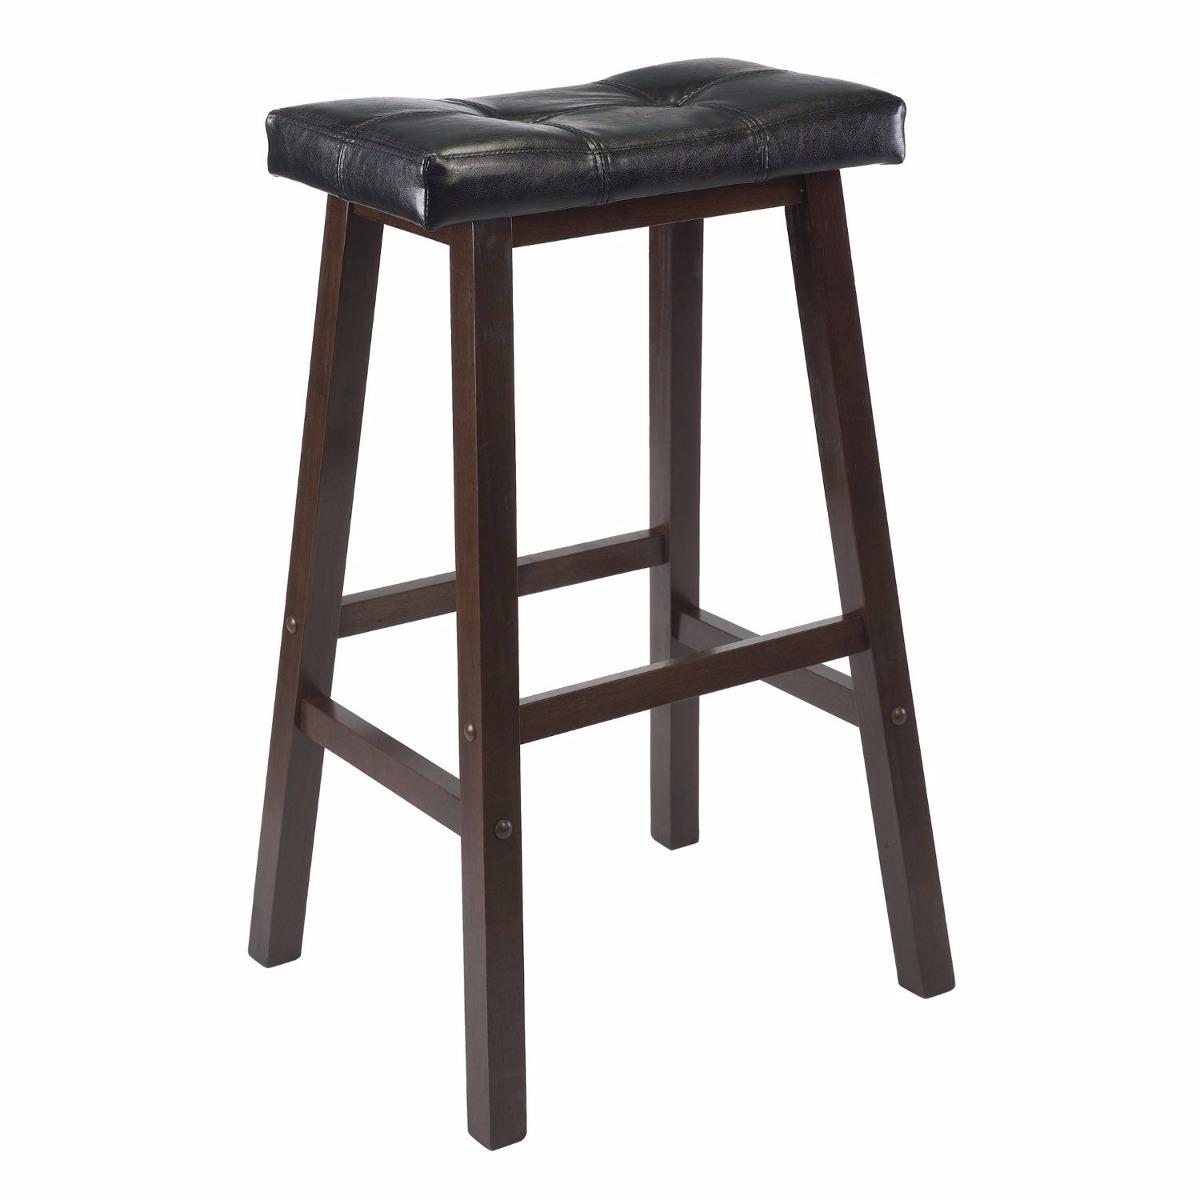 Banco alto silla bar cafe barra madera cuero 61 cm for Bancos de bar de madera